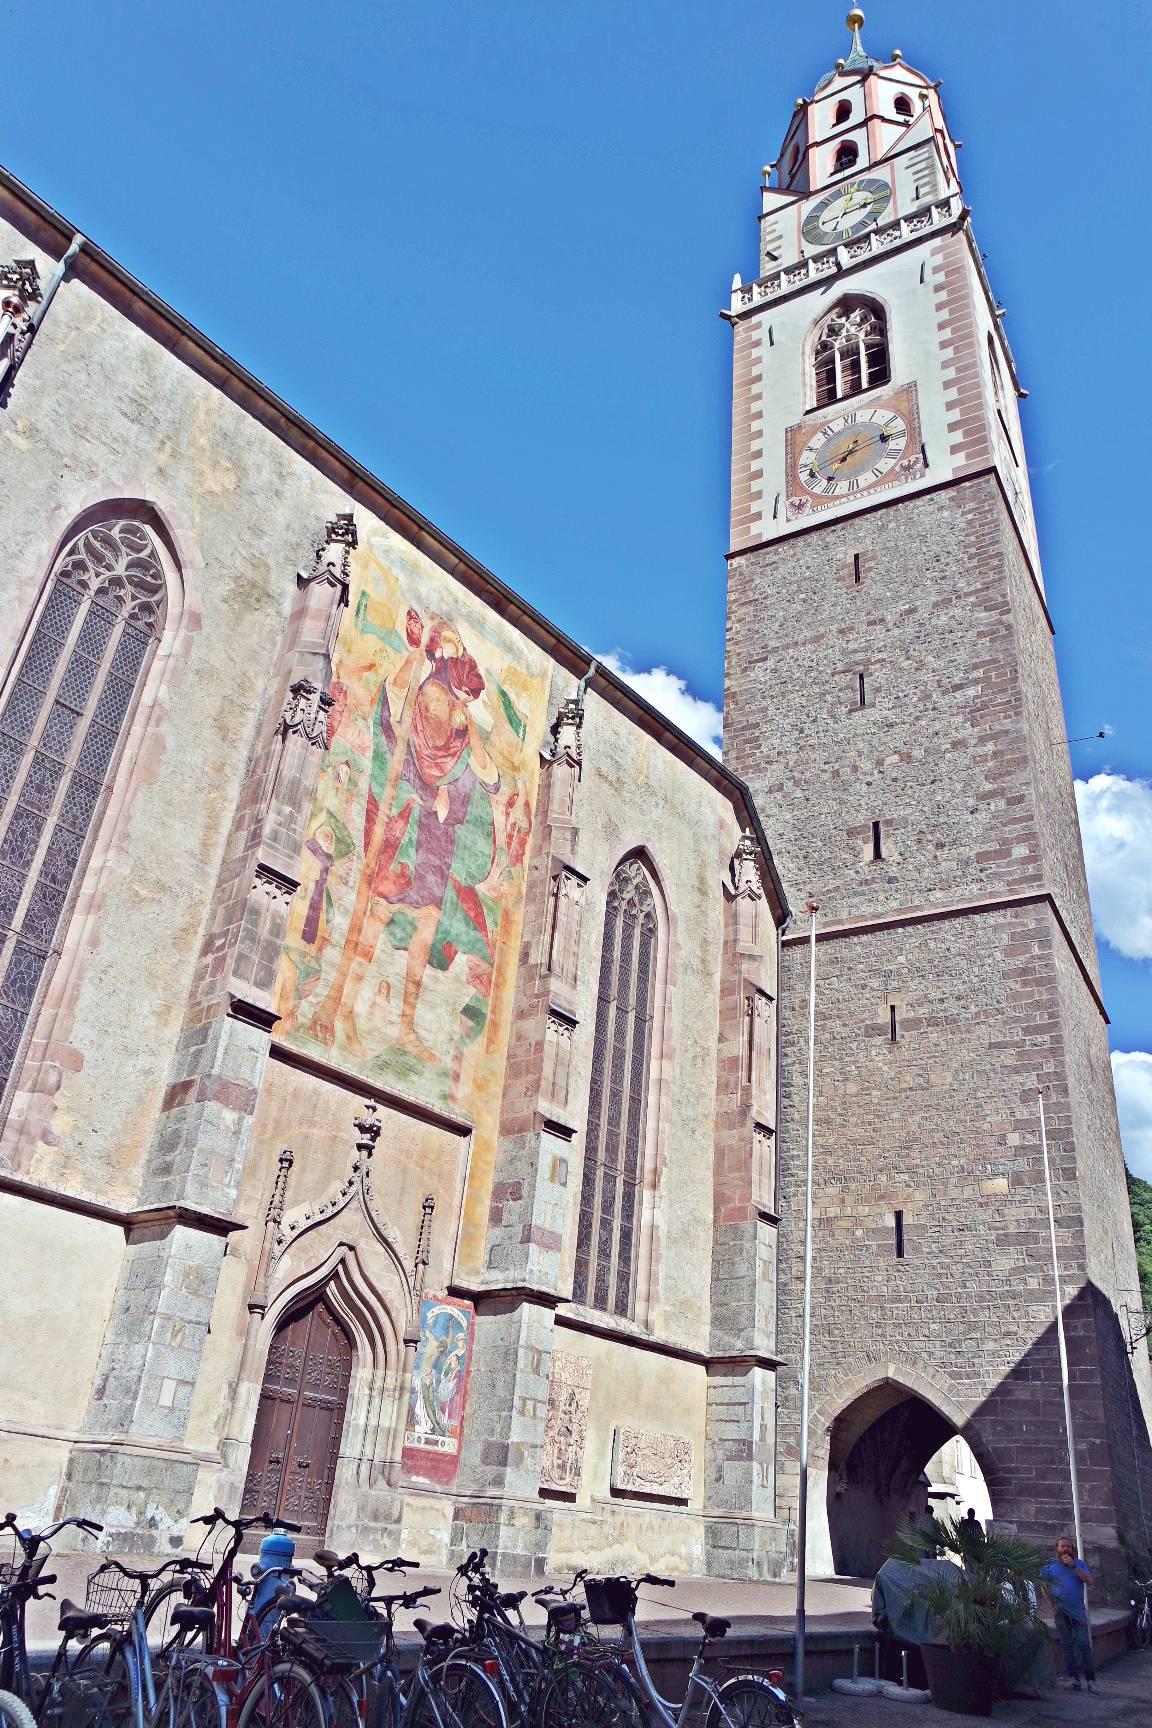 Merano architecture